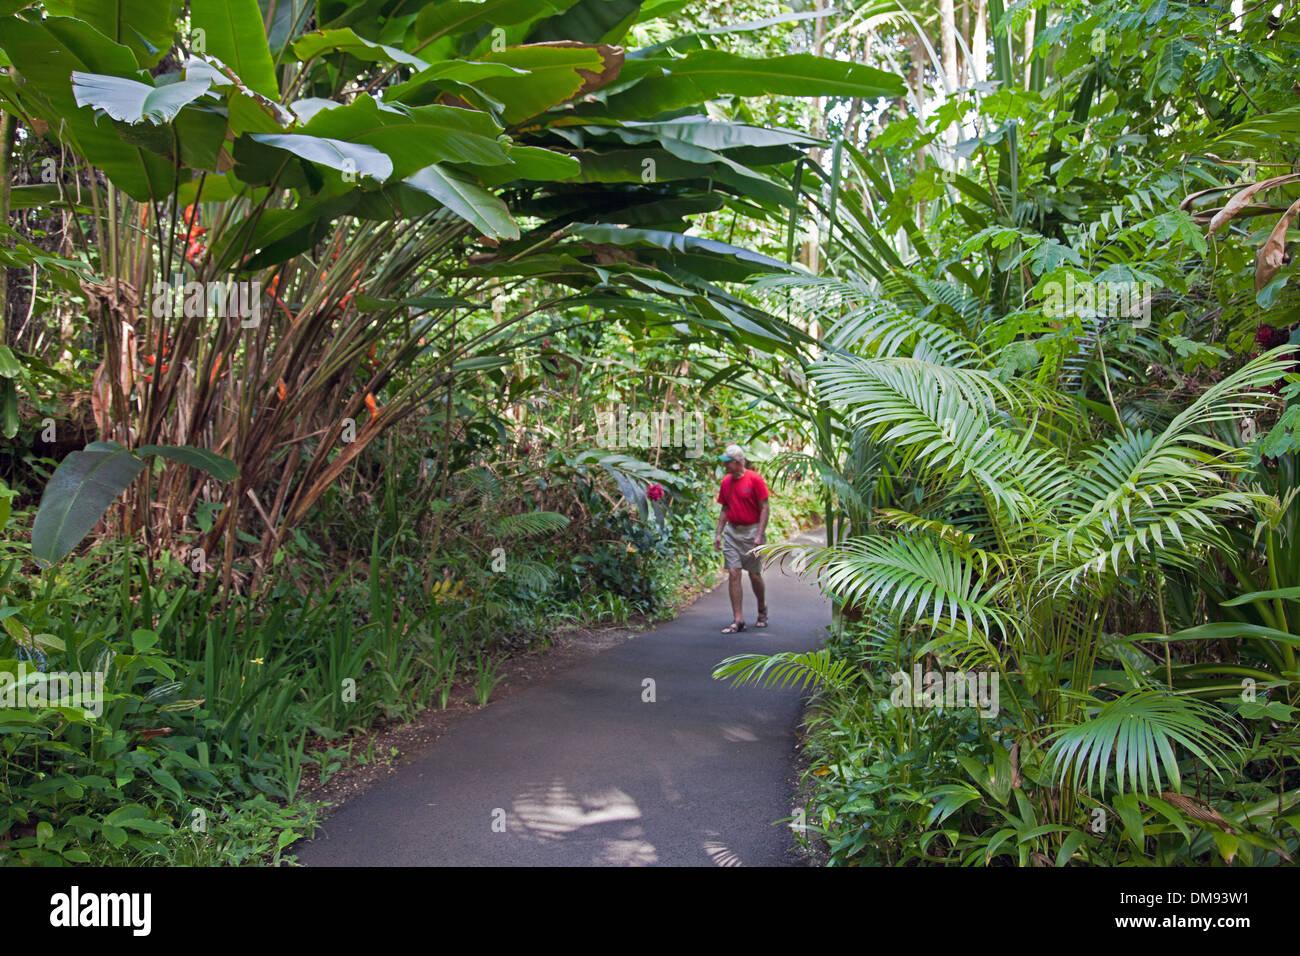 Hawaii es un jardín botánico tropical de 37 acres de reserva natural y santuario en Onomea Bay, al norte de hilo. Foto de stock